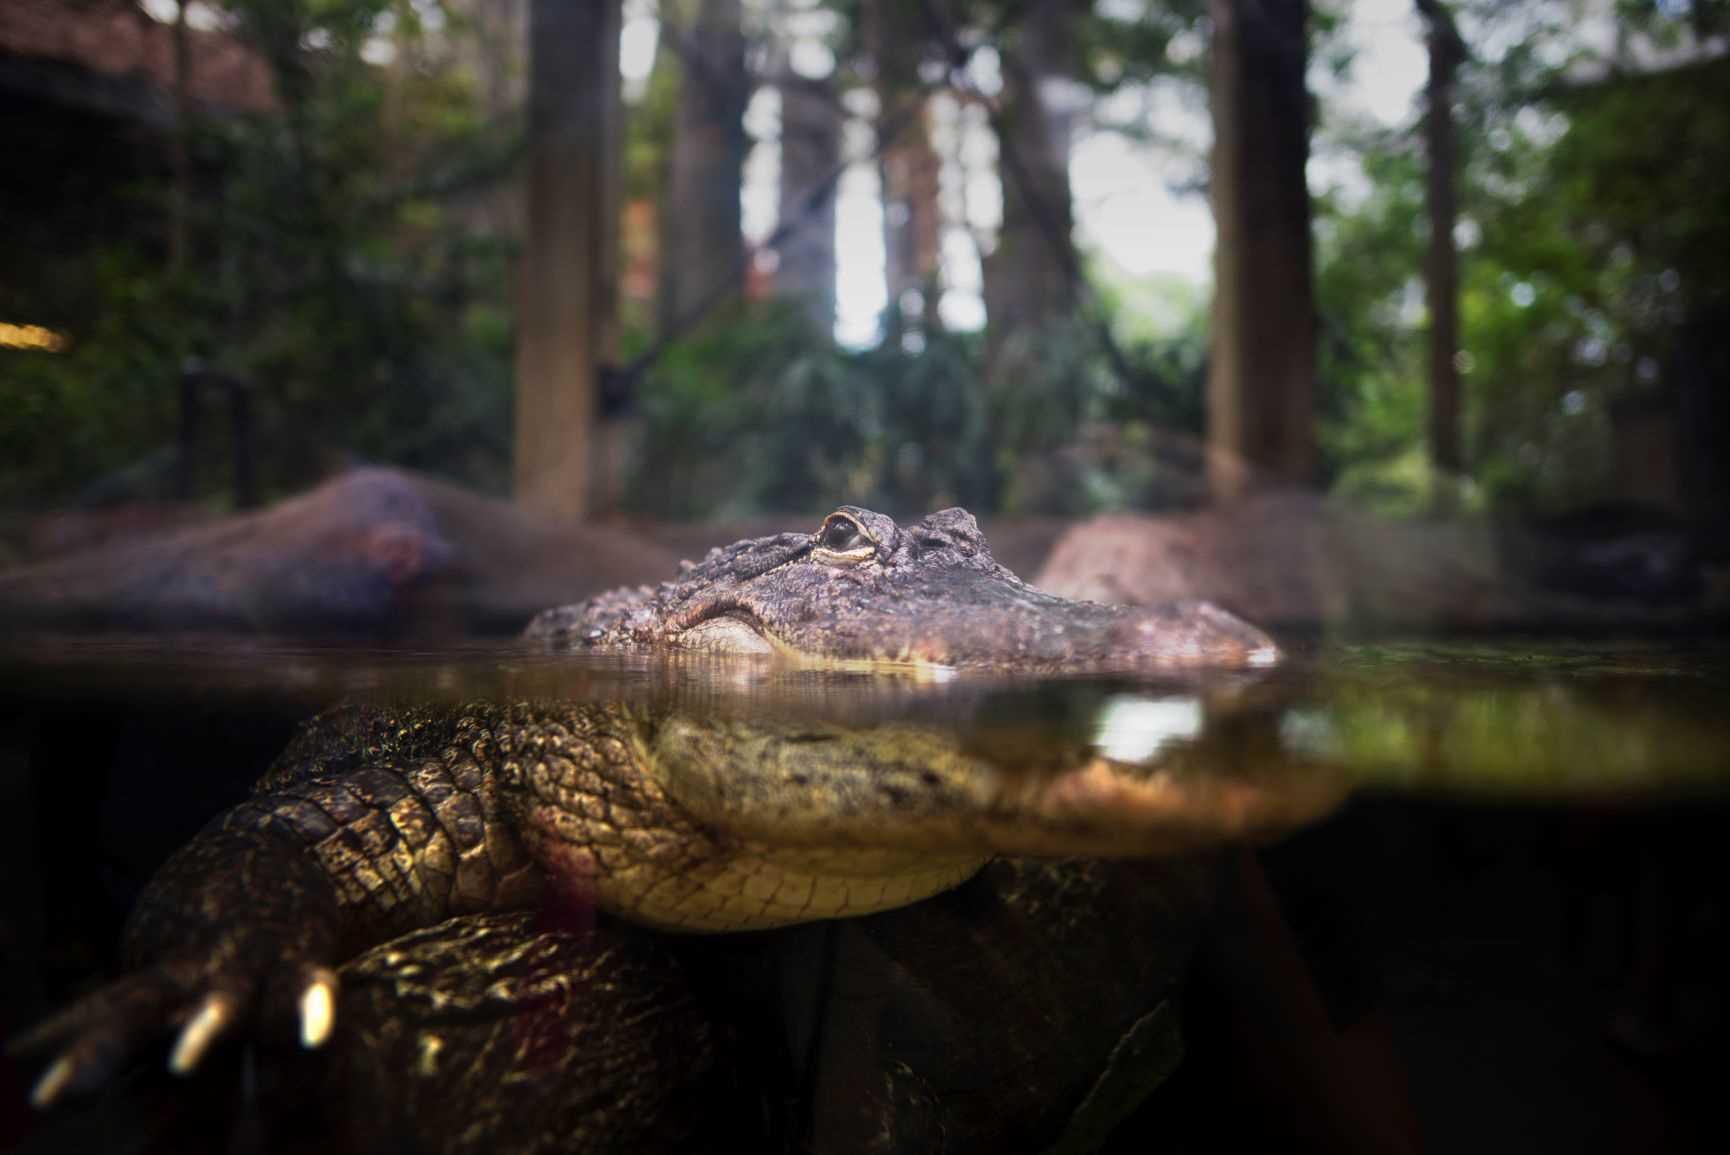 Florida Aquarium Gator